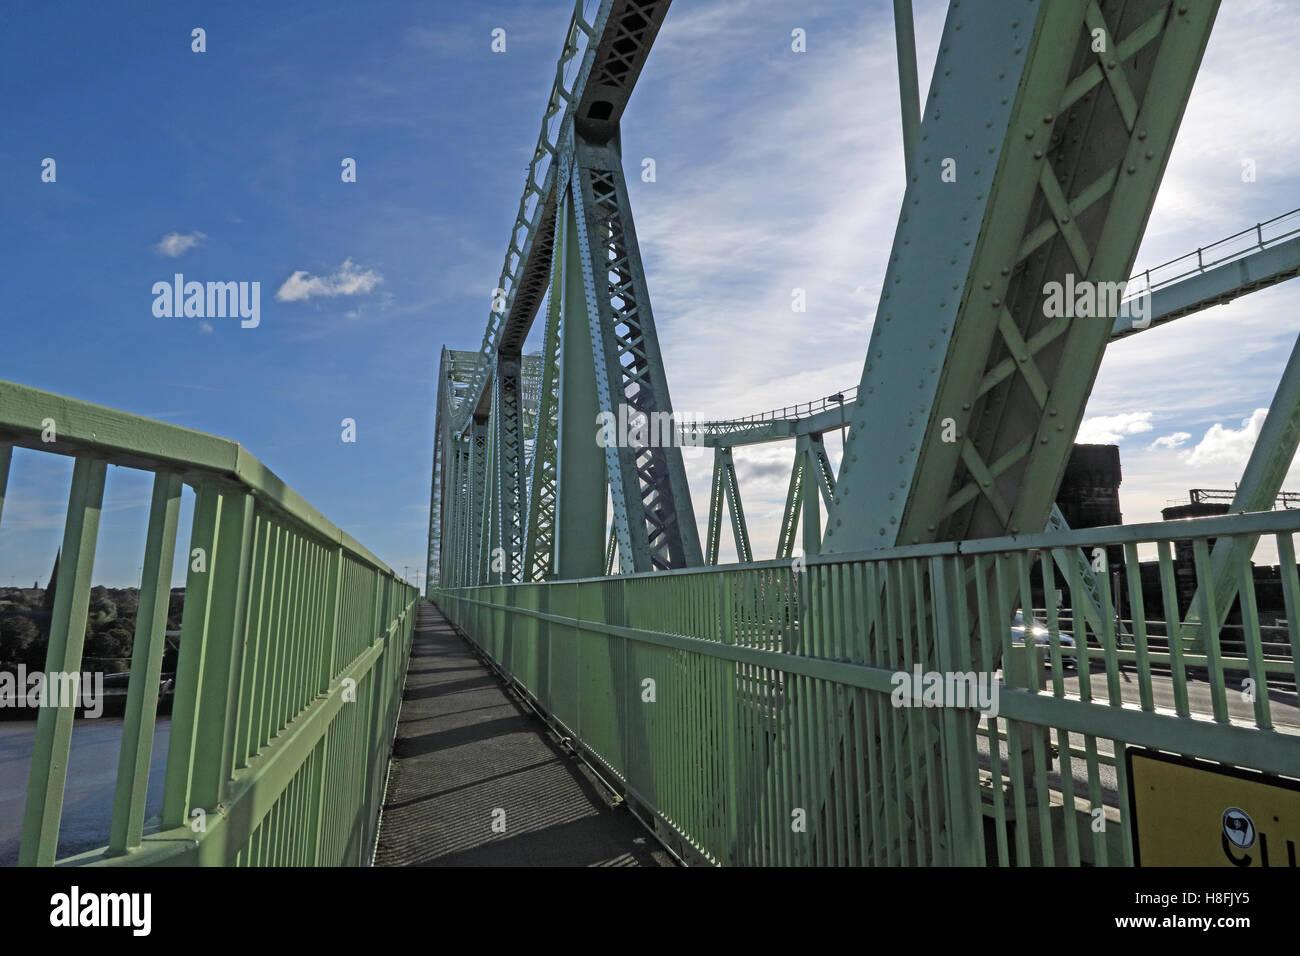 Laden Sie dieses Alamy Stockfoto Fußgängerzone, Runcorn Widnes Silver Jubilee Straße Brücke, A533, Halton, Cheshire, England, UK - H8FJY5